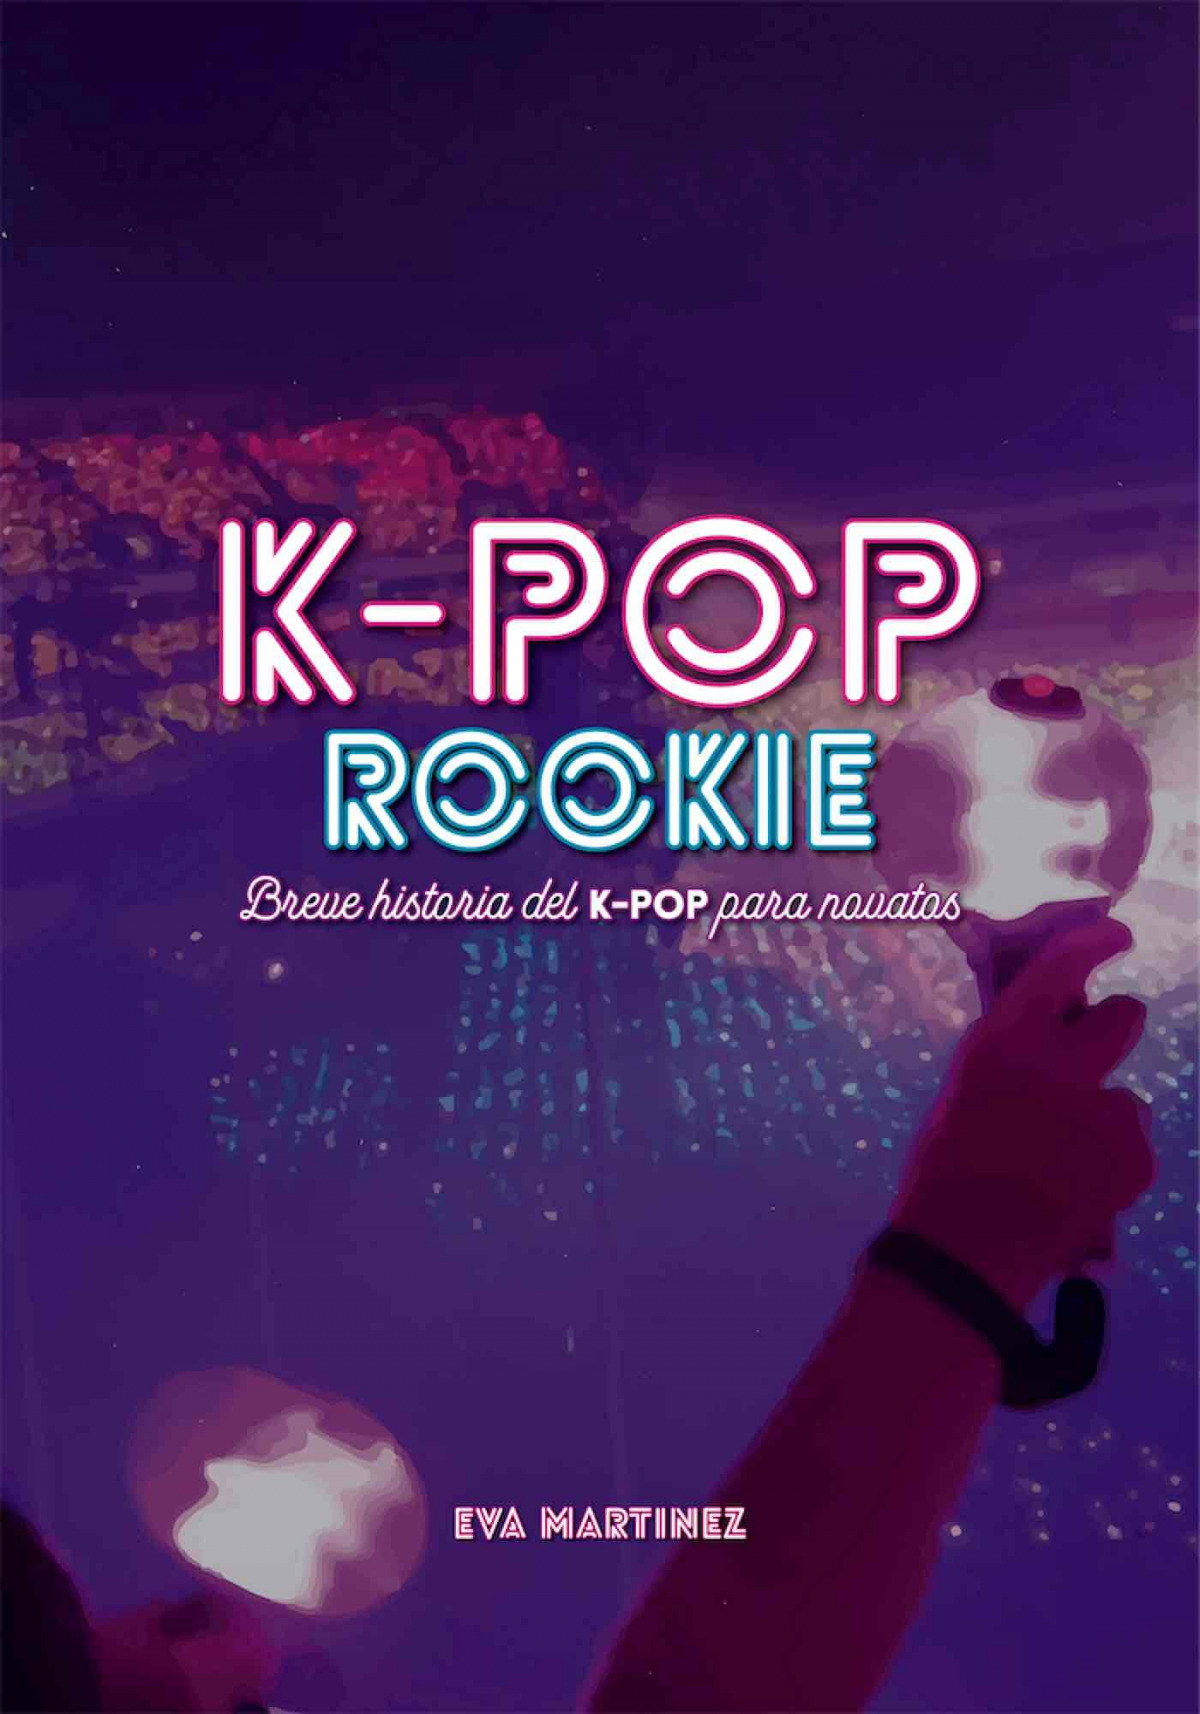 K-POP ROOKIE